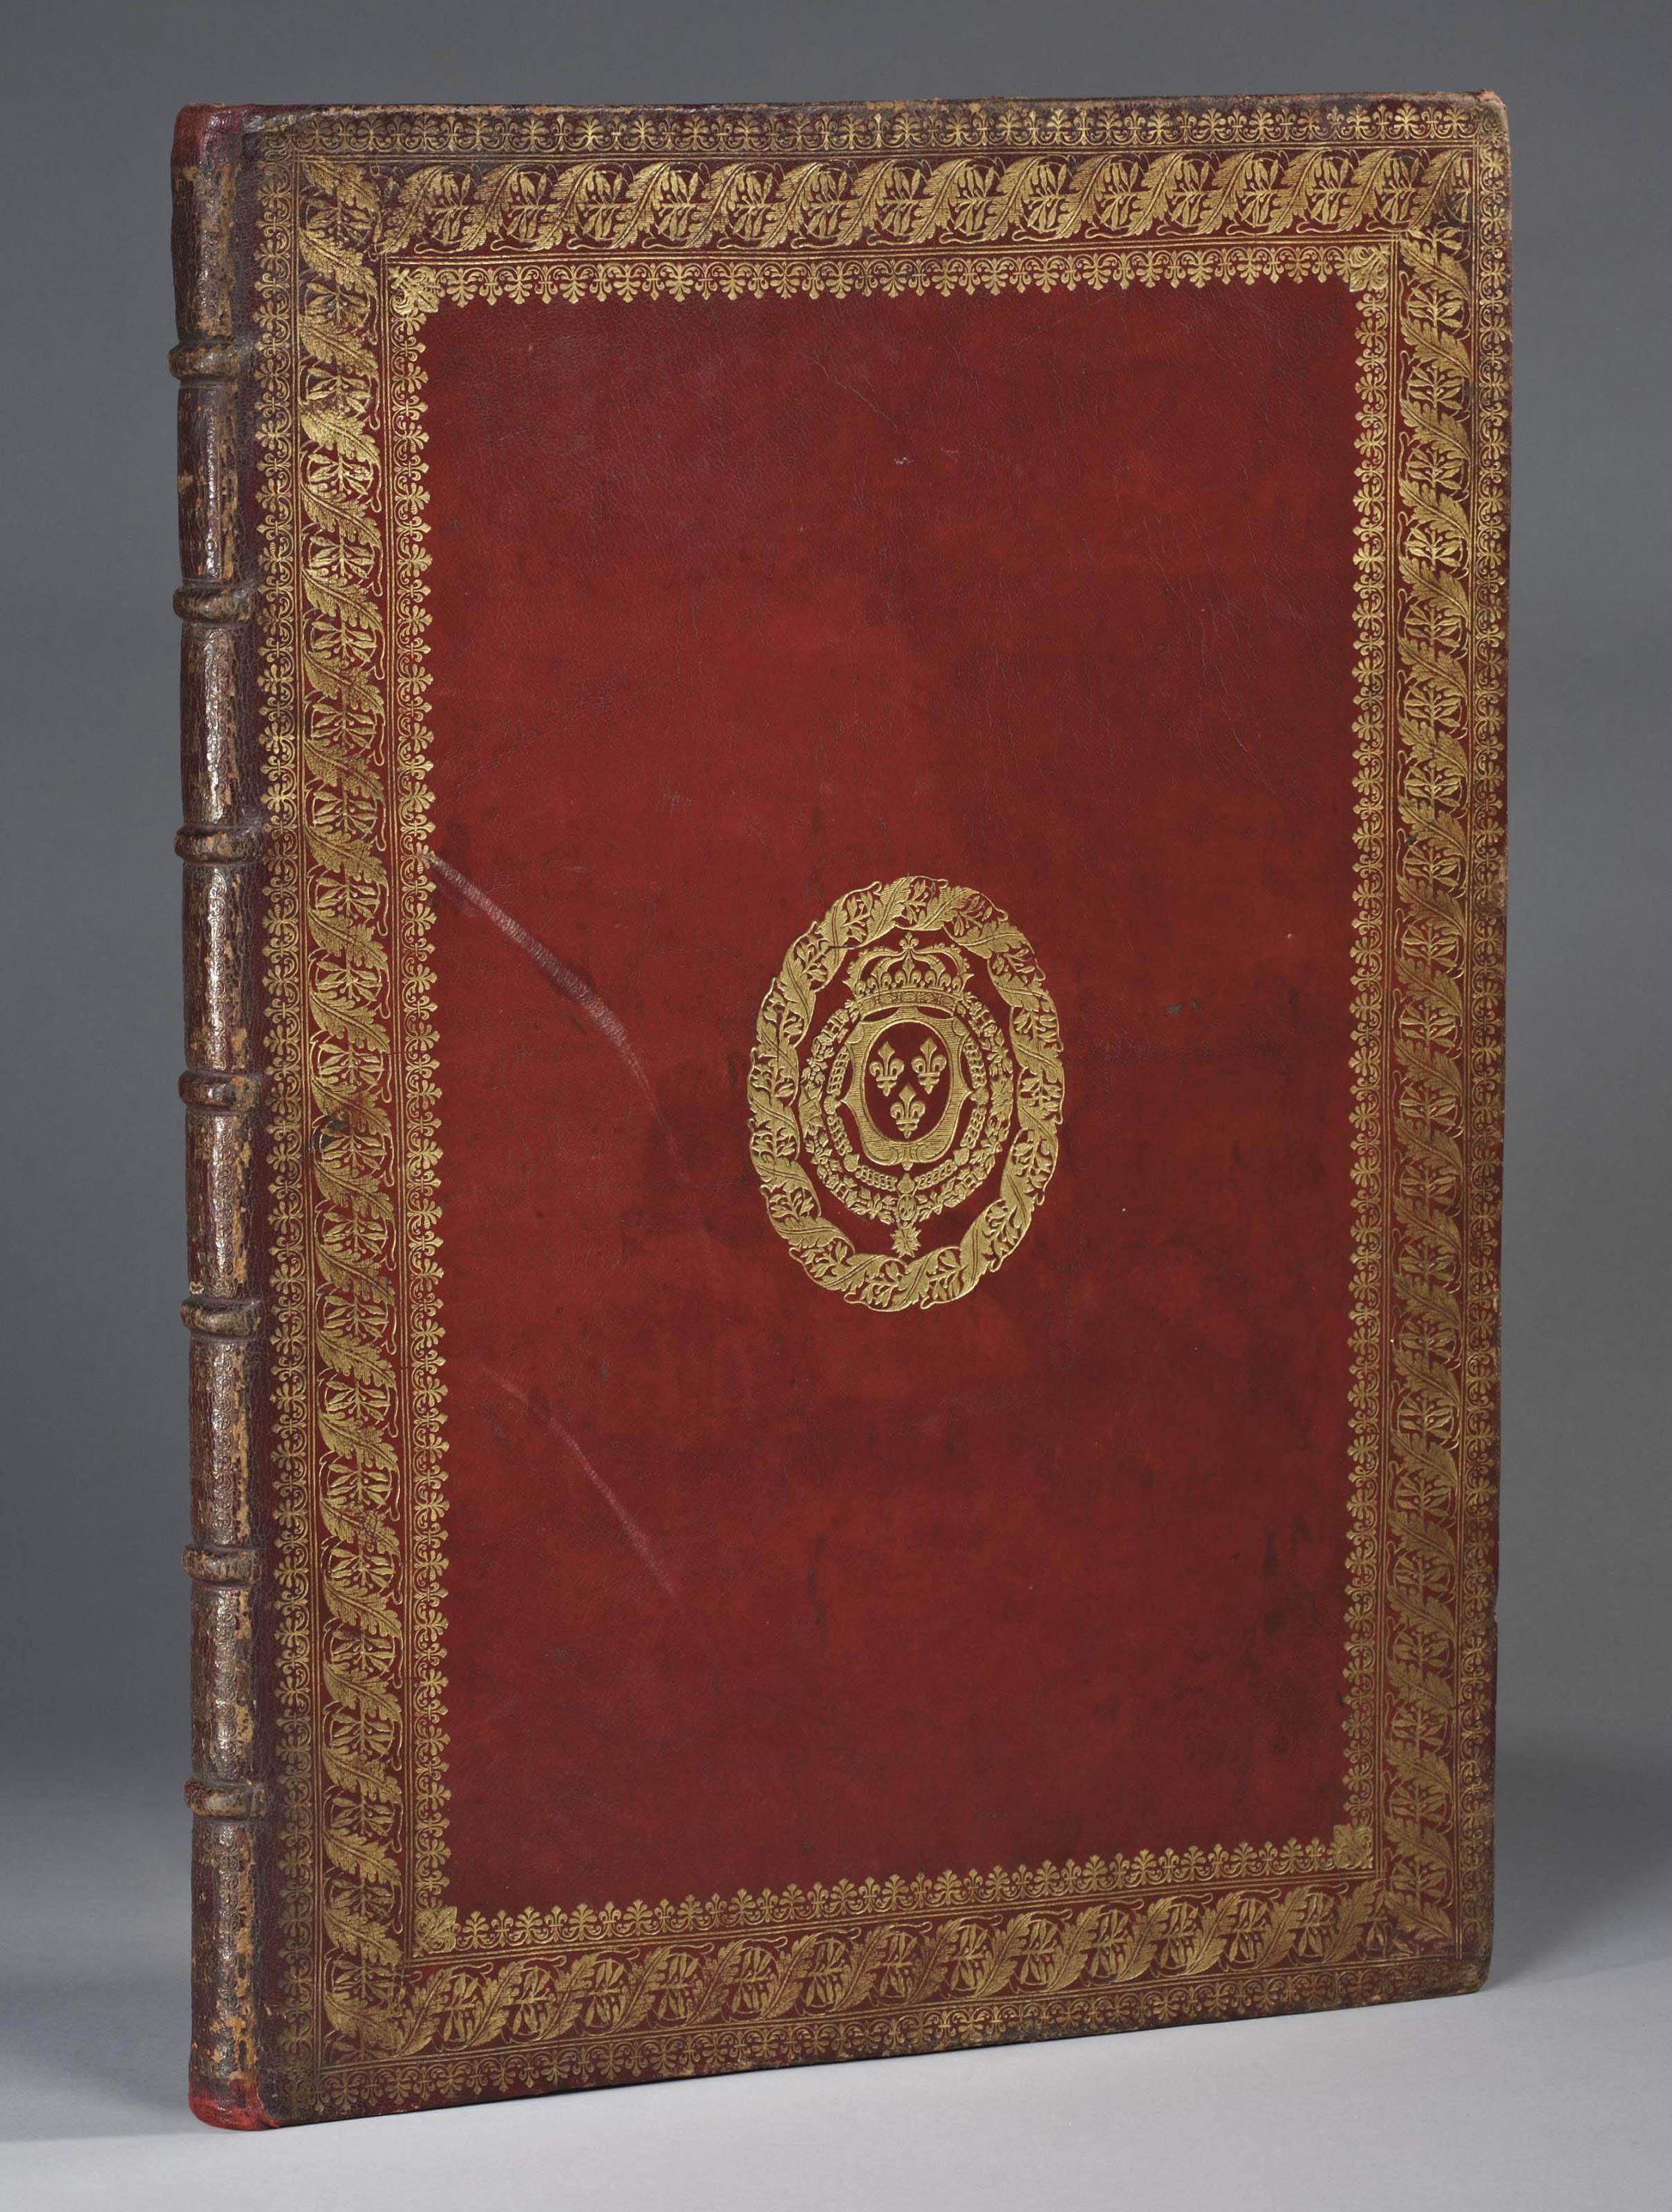 [CABINET DU ROI] -- PERRAULT, CHARLES (1628-1703). FESTIVA AD CAPITA ANNULUMQUE DECURSIO, A REGE LUDOVICO XIV PRINCIPIBUS... PARIS: IMPRIMERIE ROYALE, 1670.